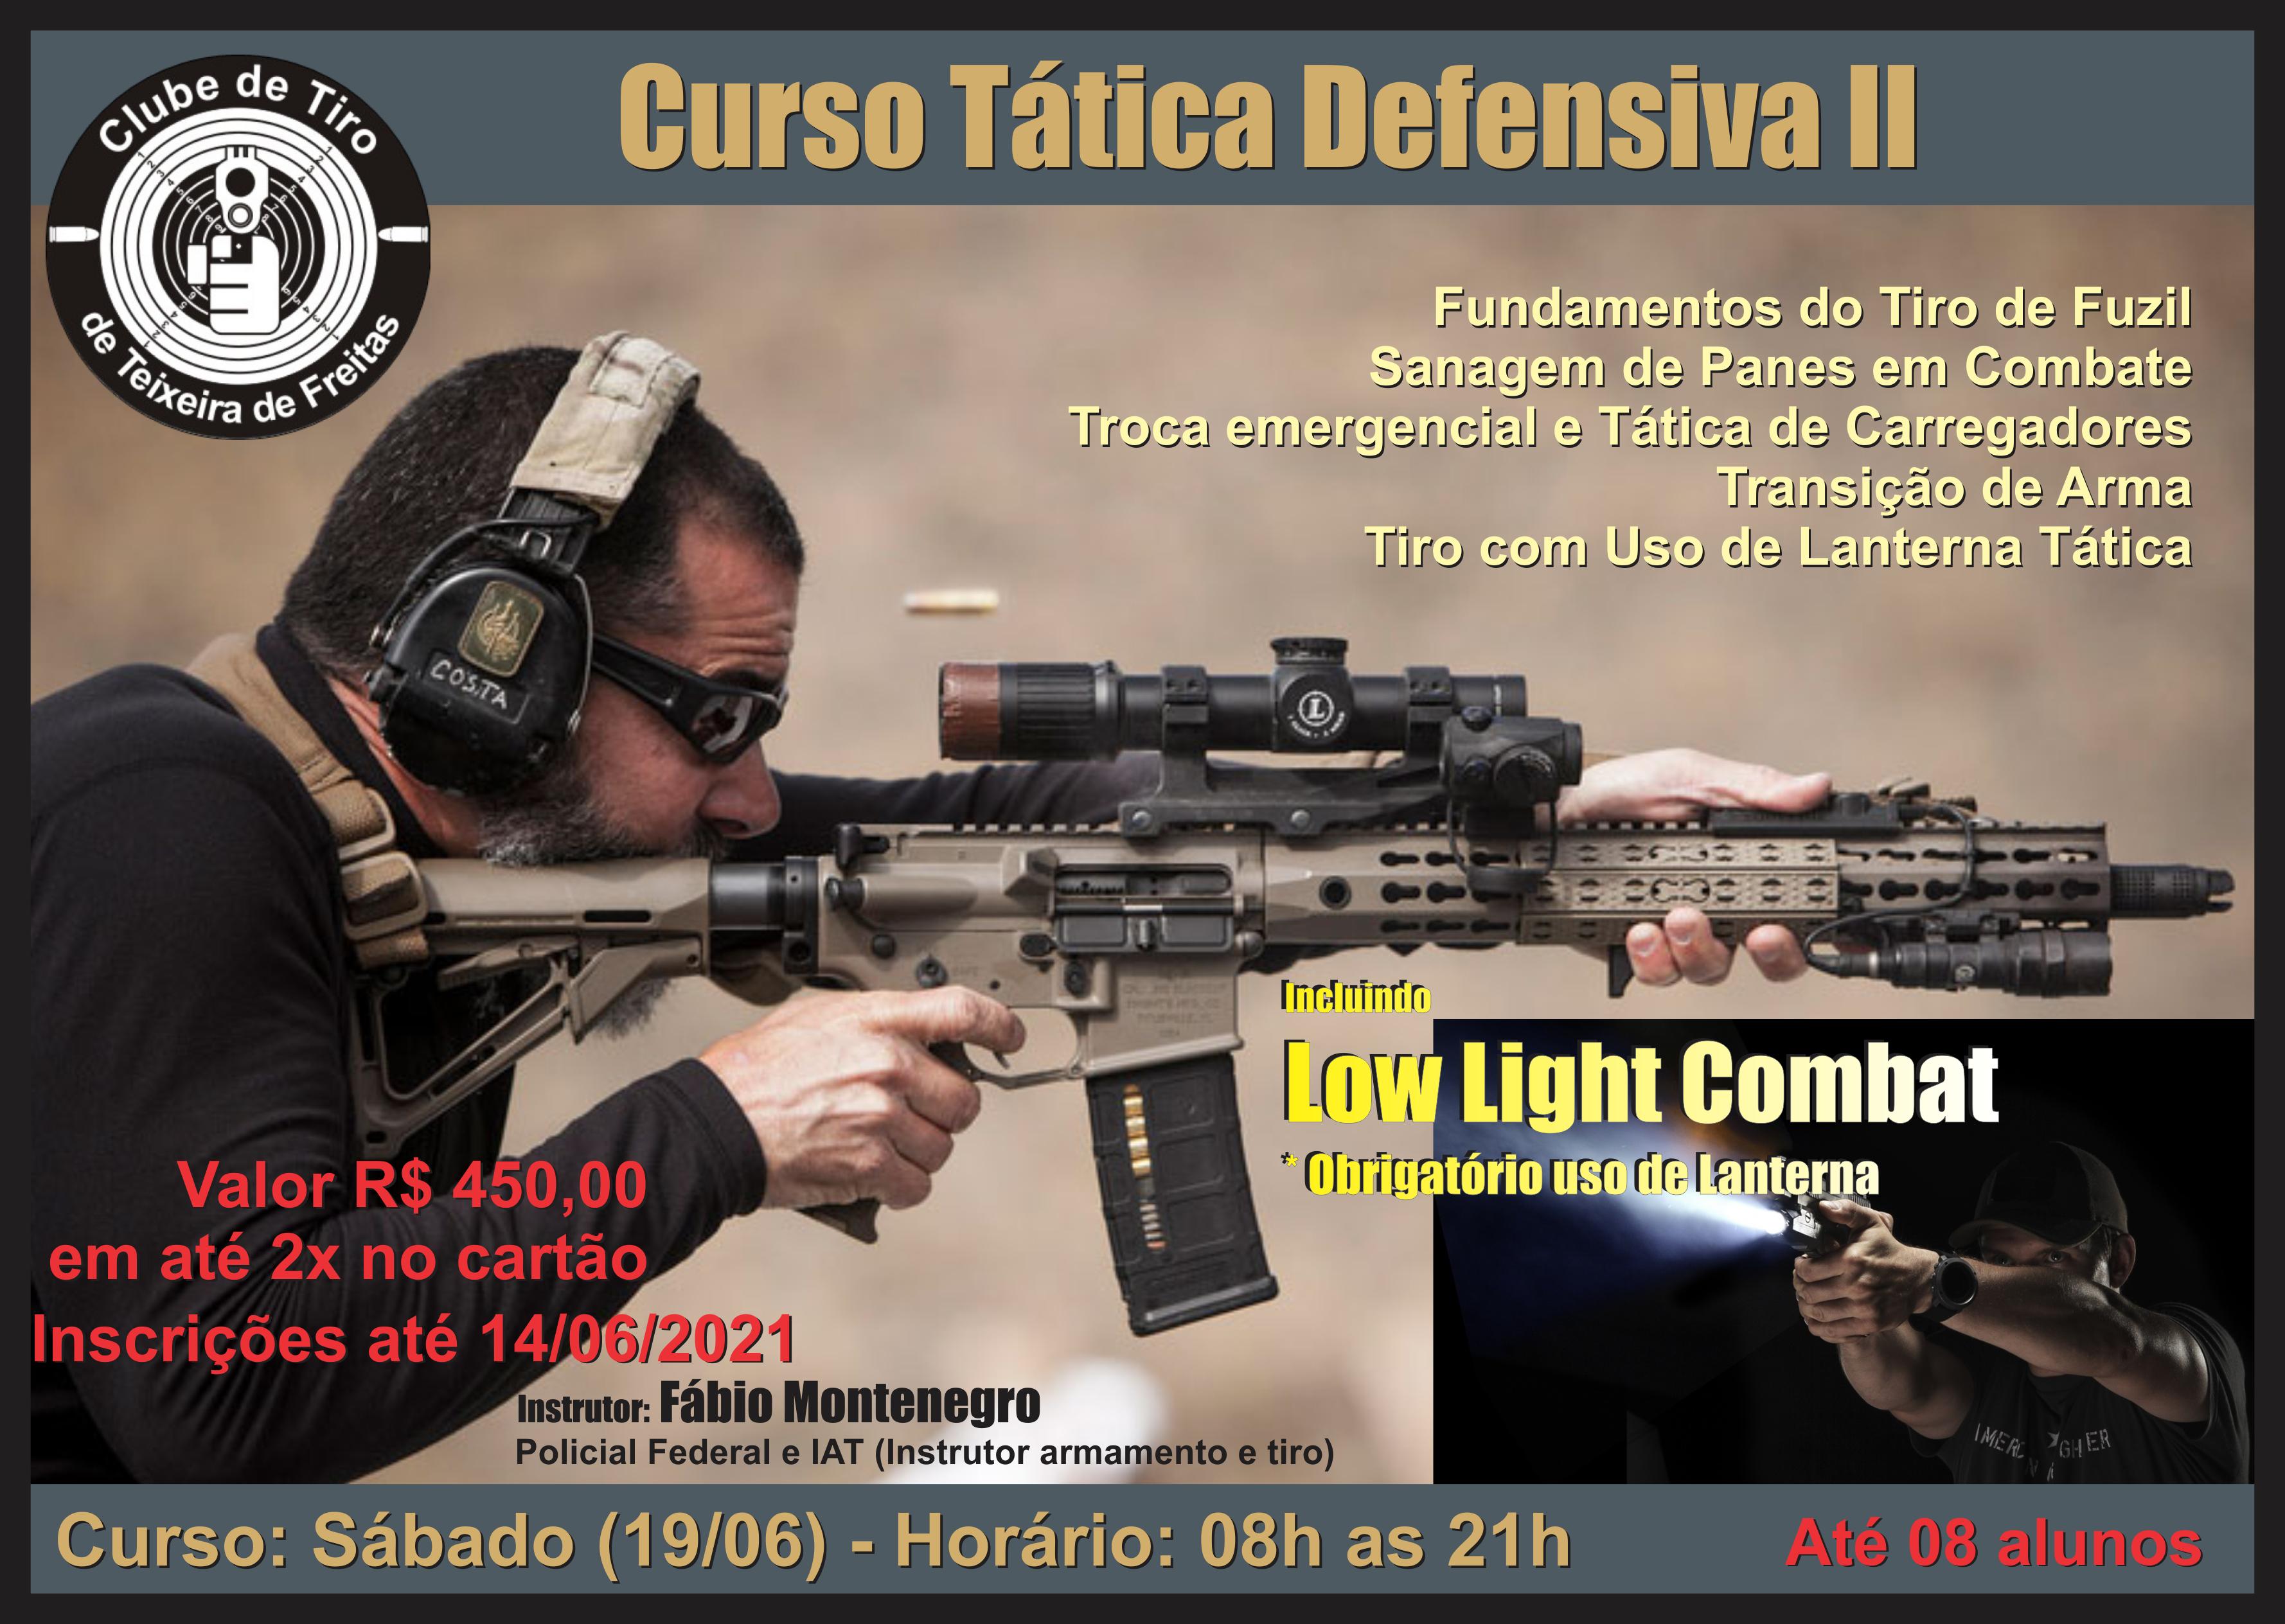 Curso Tática Defensiva II - Banner